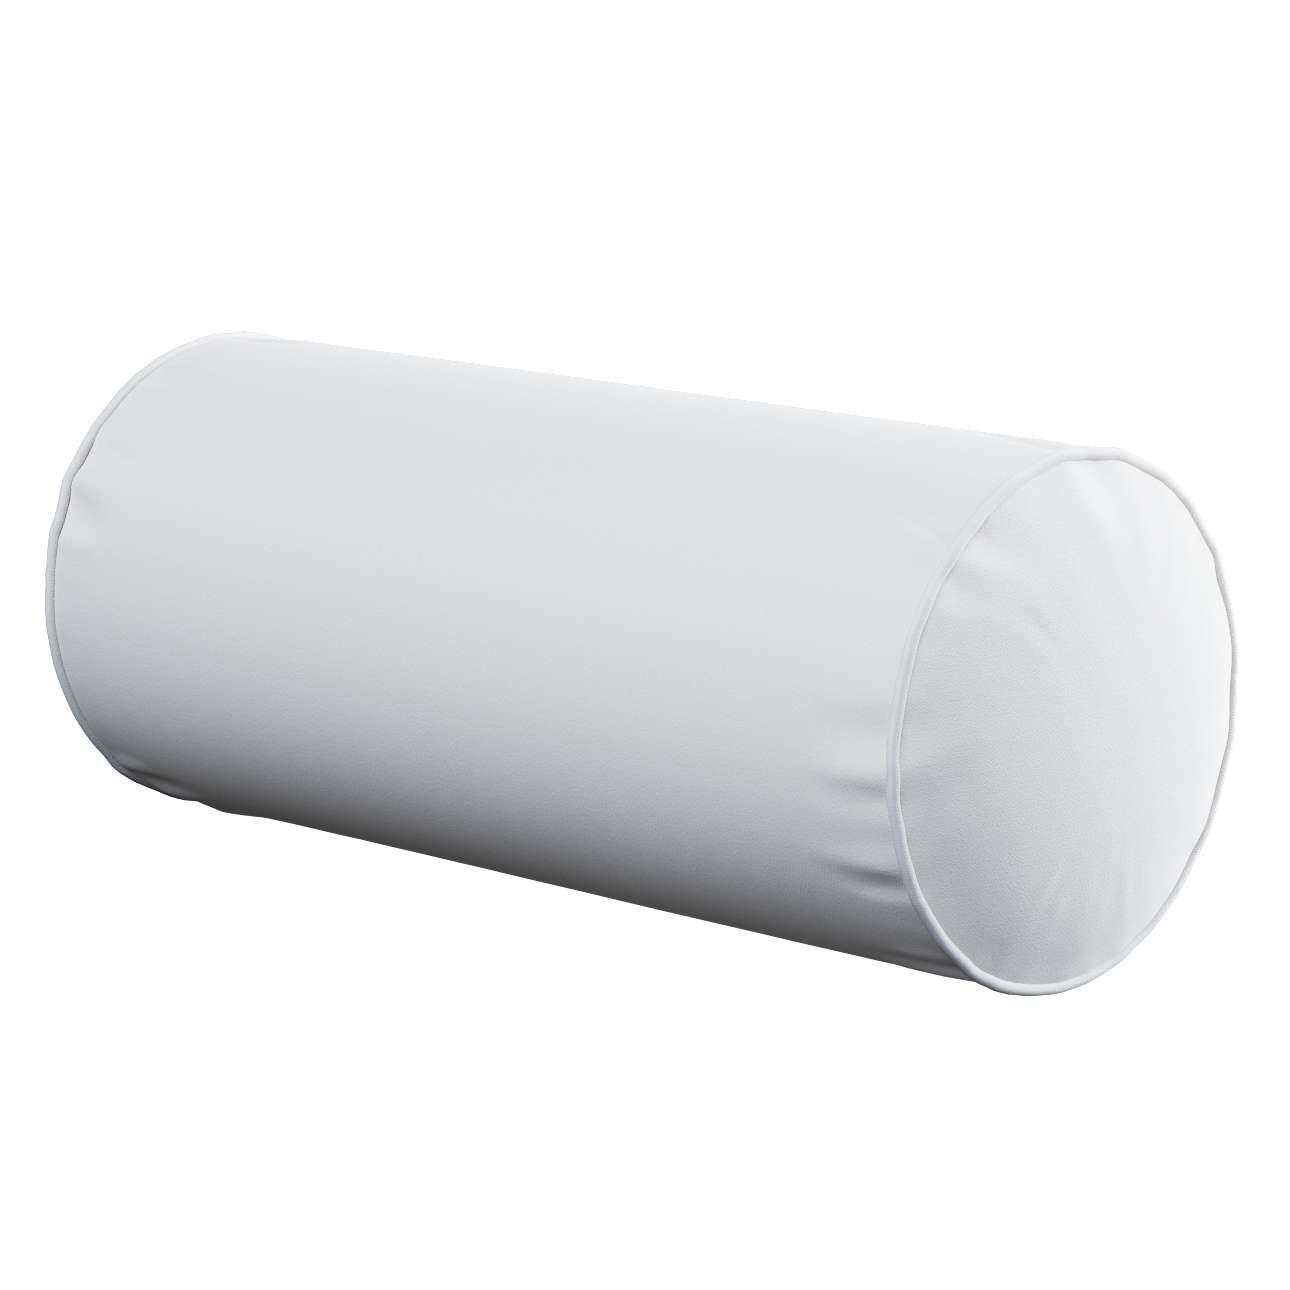 Ritinio formos  pagalvėlės užvalkalas Ø 16 x 40 cm (6 x 16 inch) kolekcijoje Comics Prints, audinys: 139-00